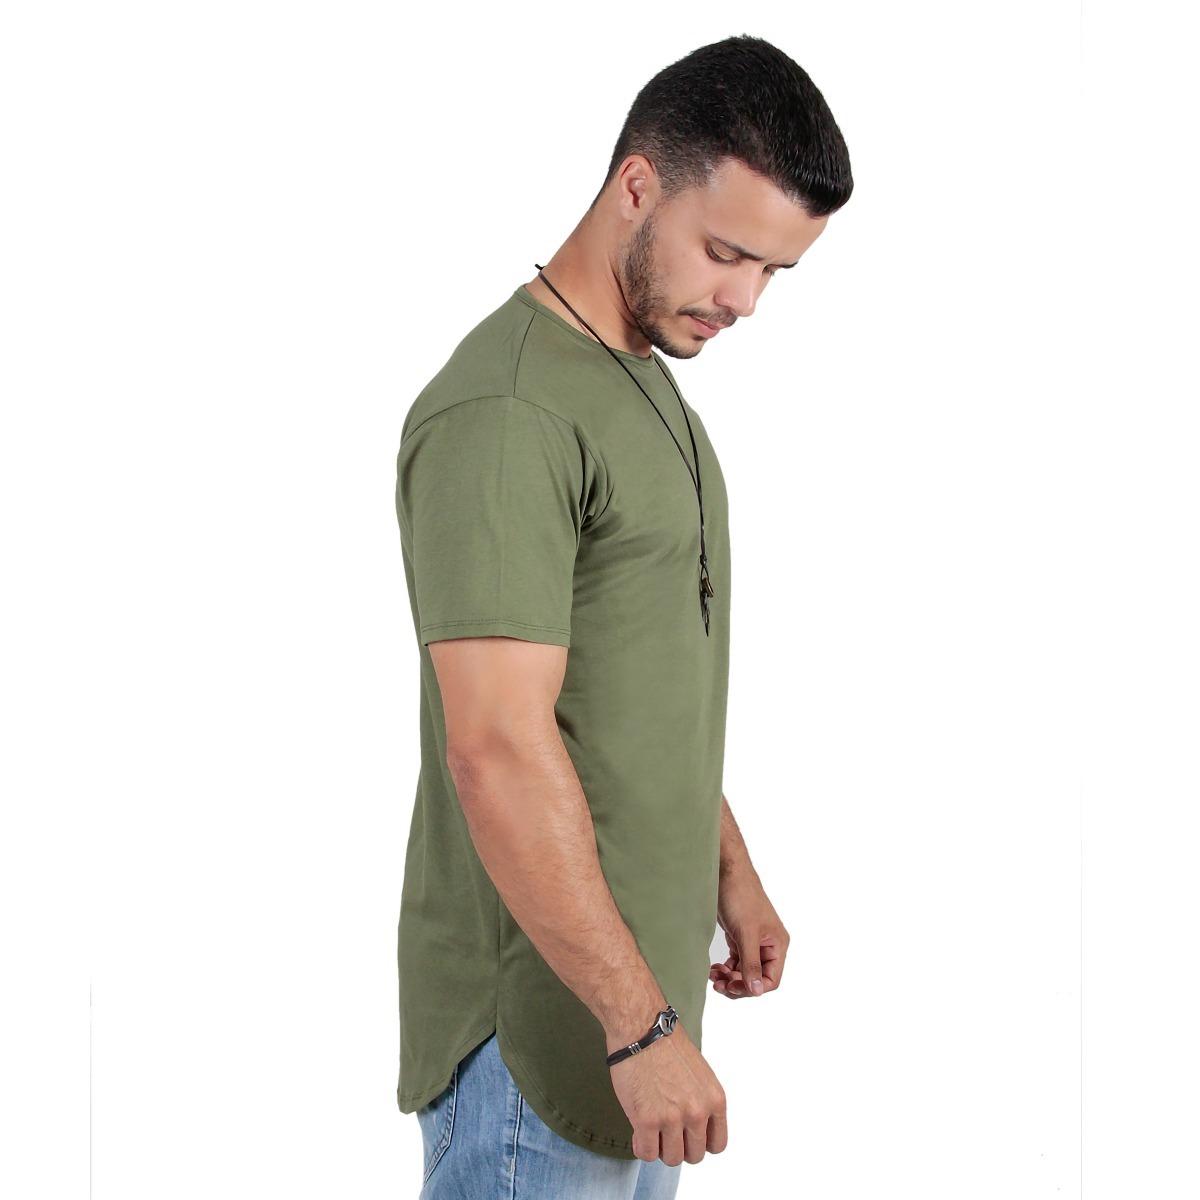 e4949d62fcb50 Carregando zoom... kit com 6 blusas camisetas roupas masculinas da moda  atual